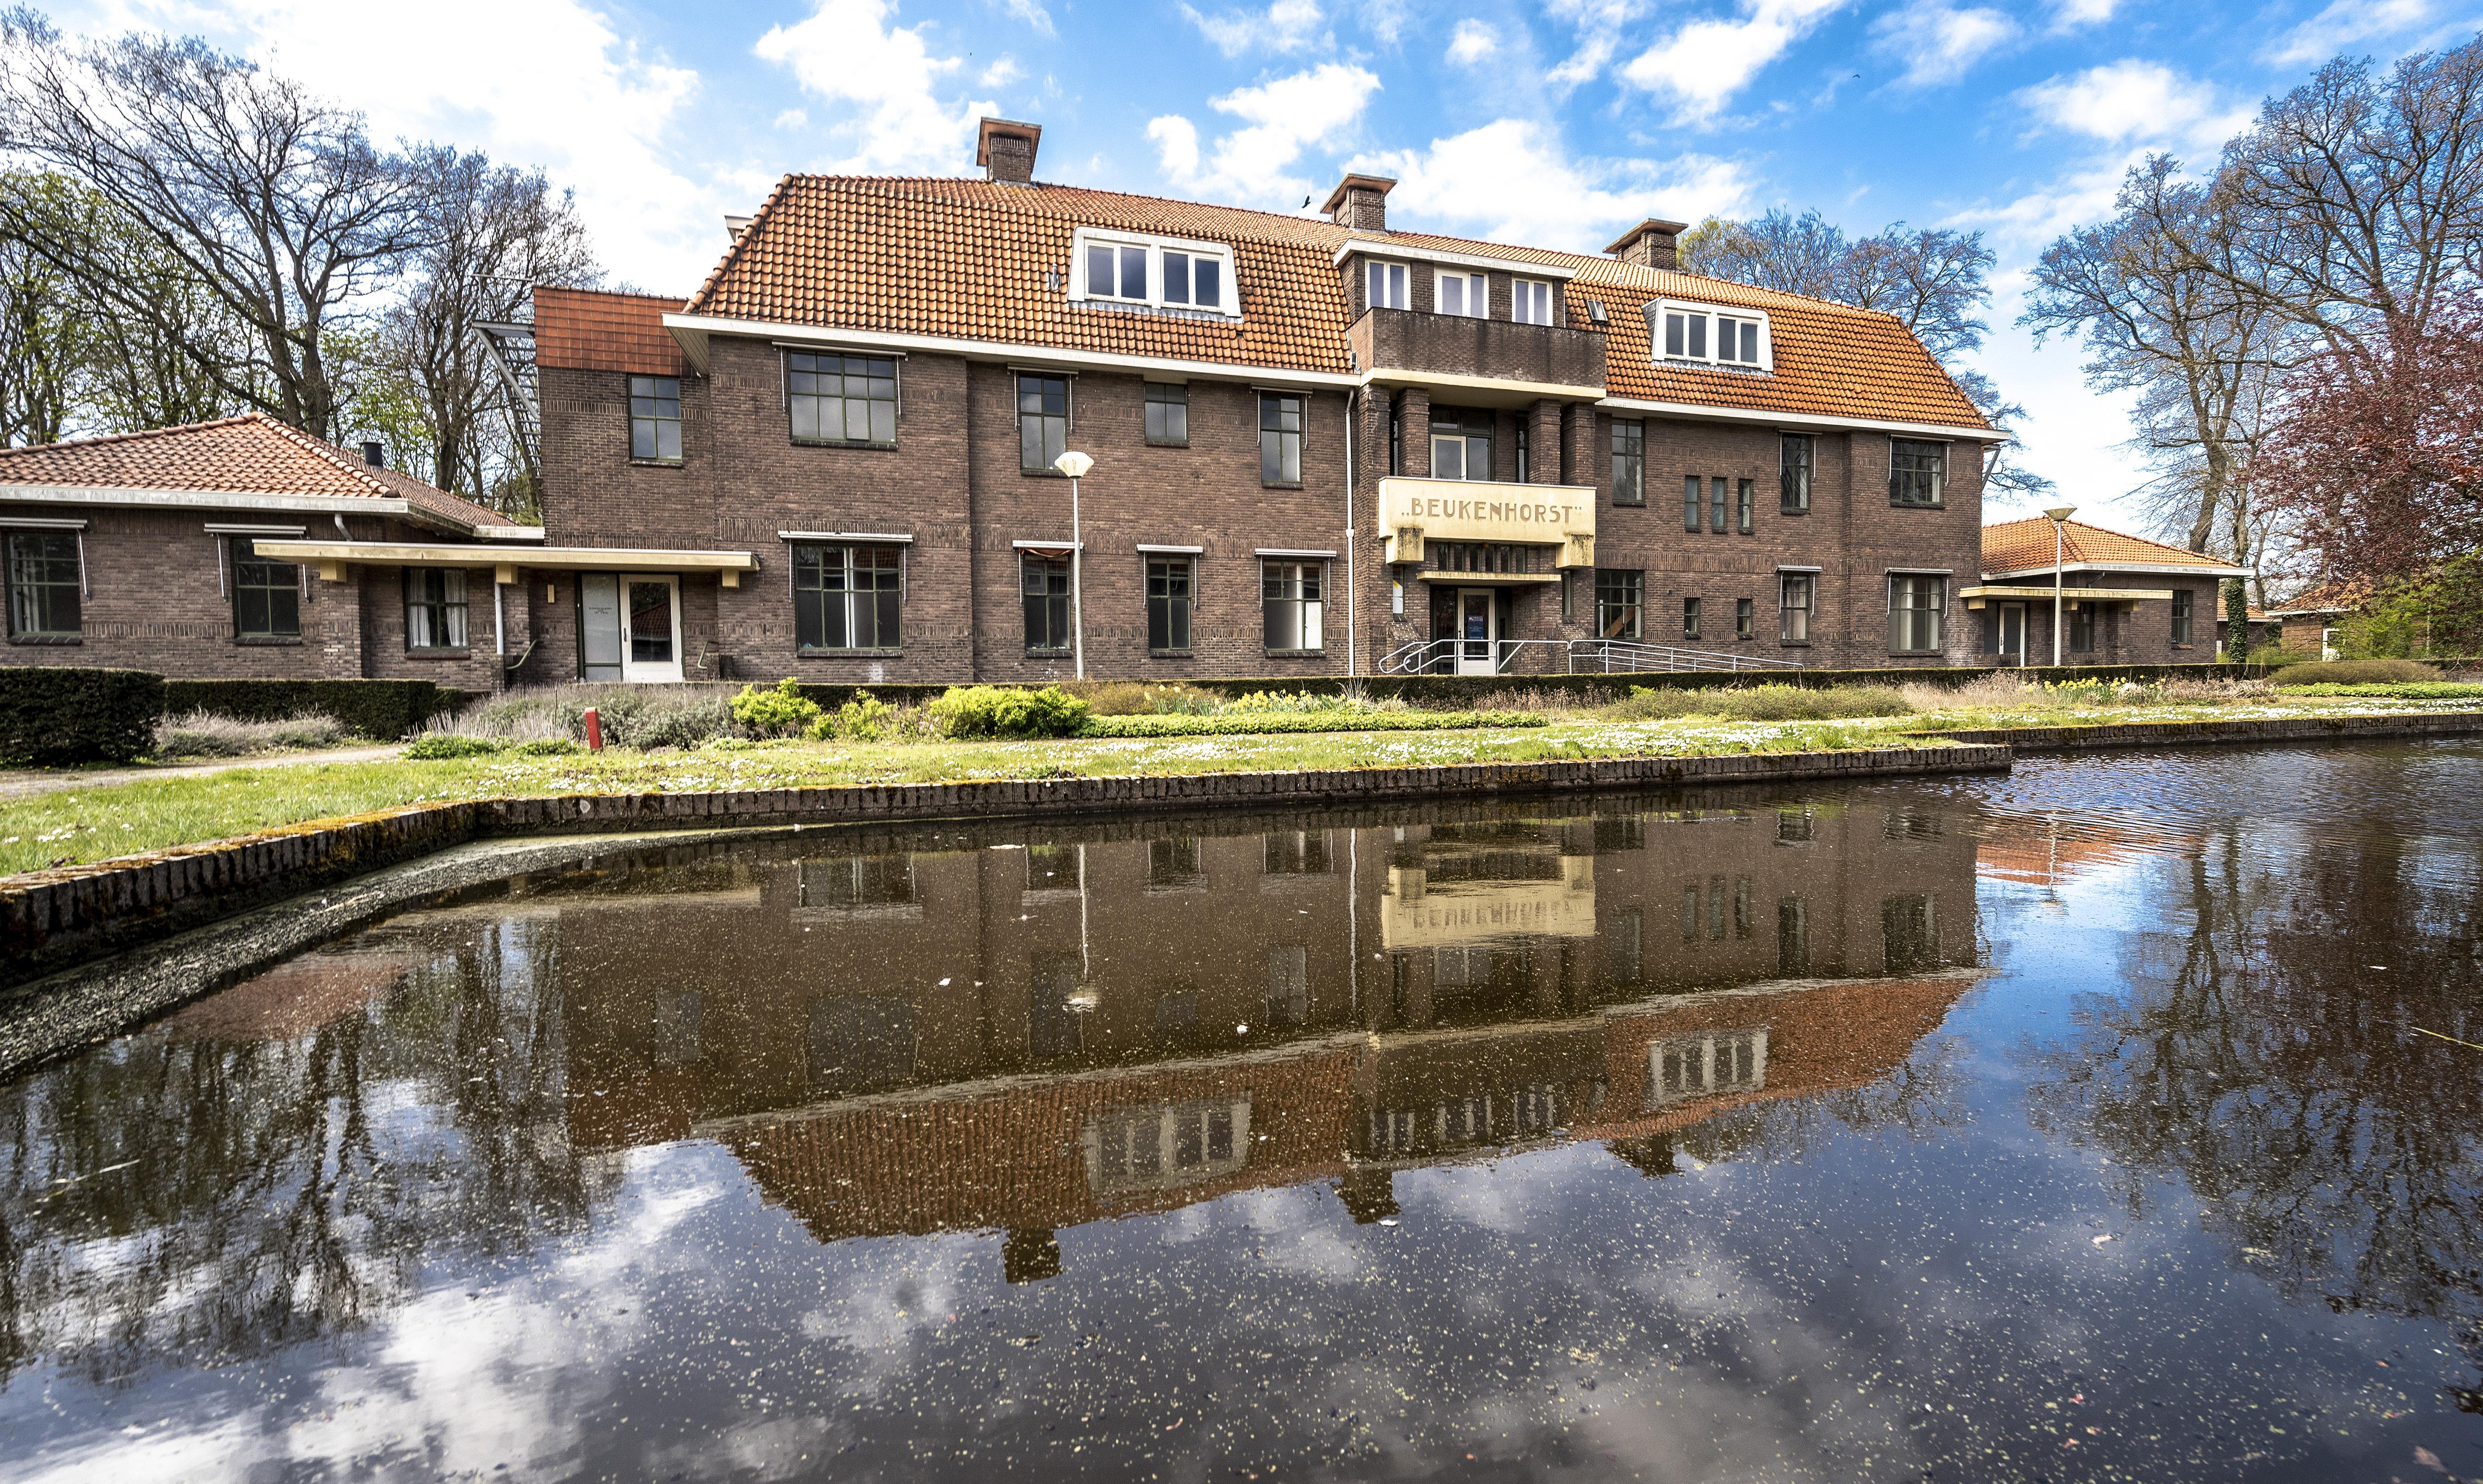 Vragen over langdurige leegstand gebouwen op Park Vogelenzang. 'Waarom', vragen sommige Bennebroekers zich af